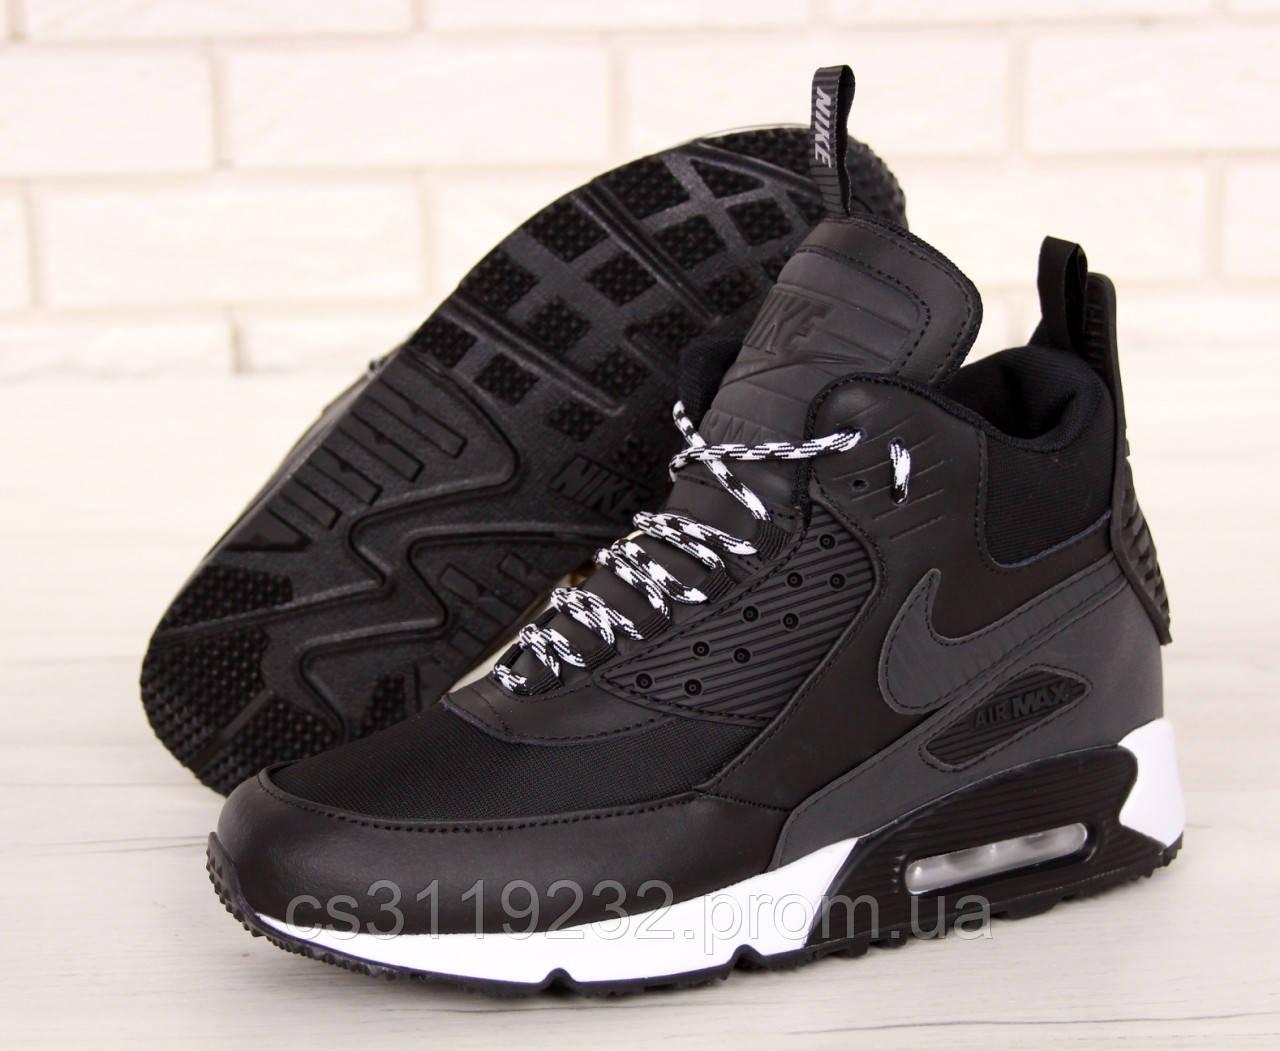 Мужские кроссовки Nike Air Max 90 Ultra MID Winter (еврозима) (черные)